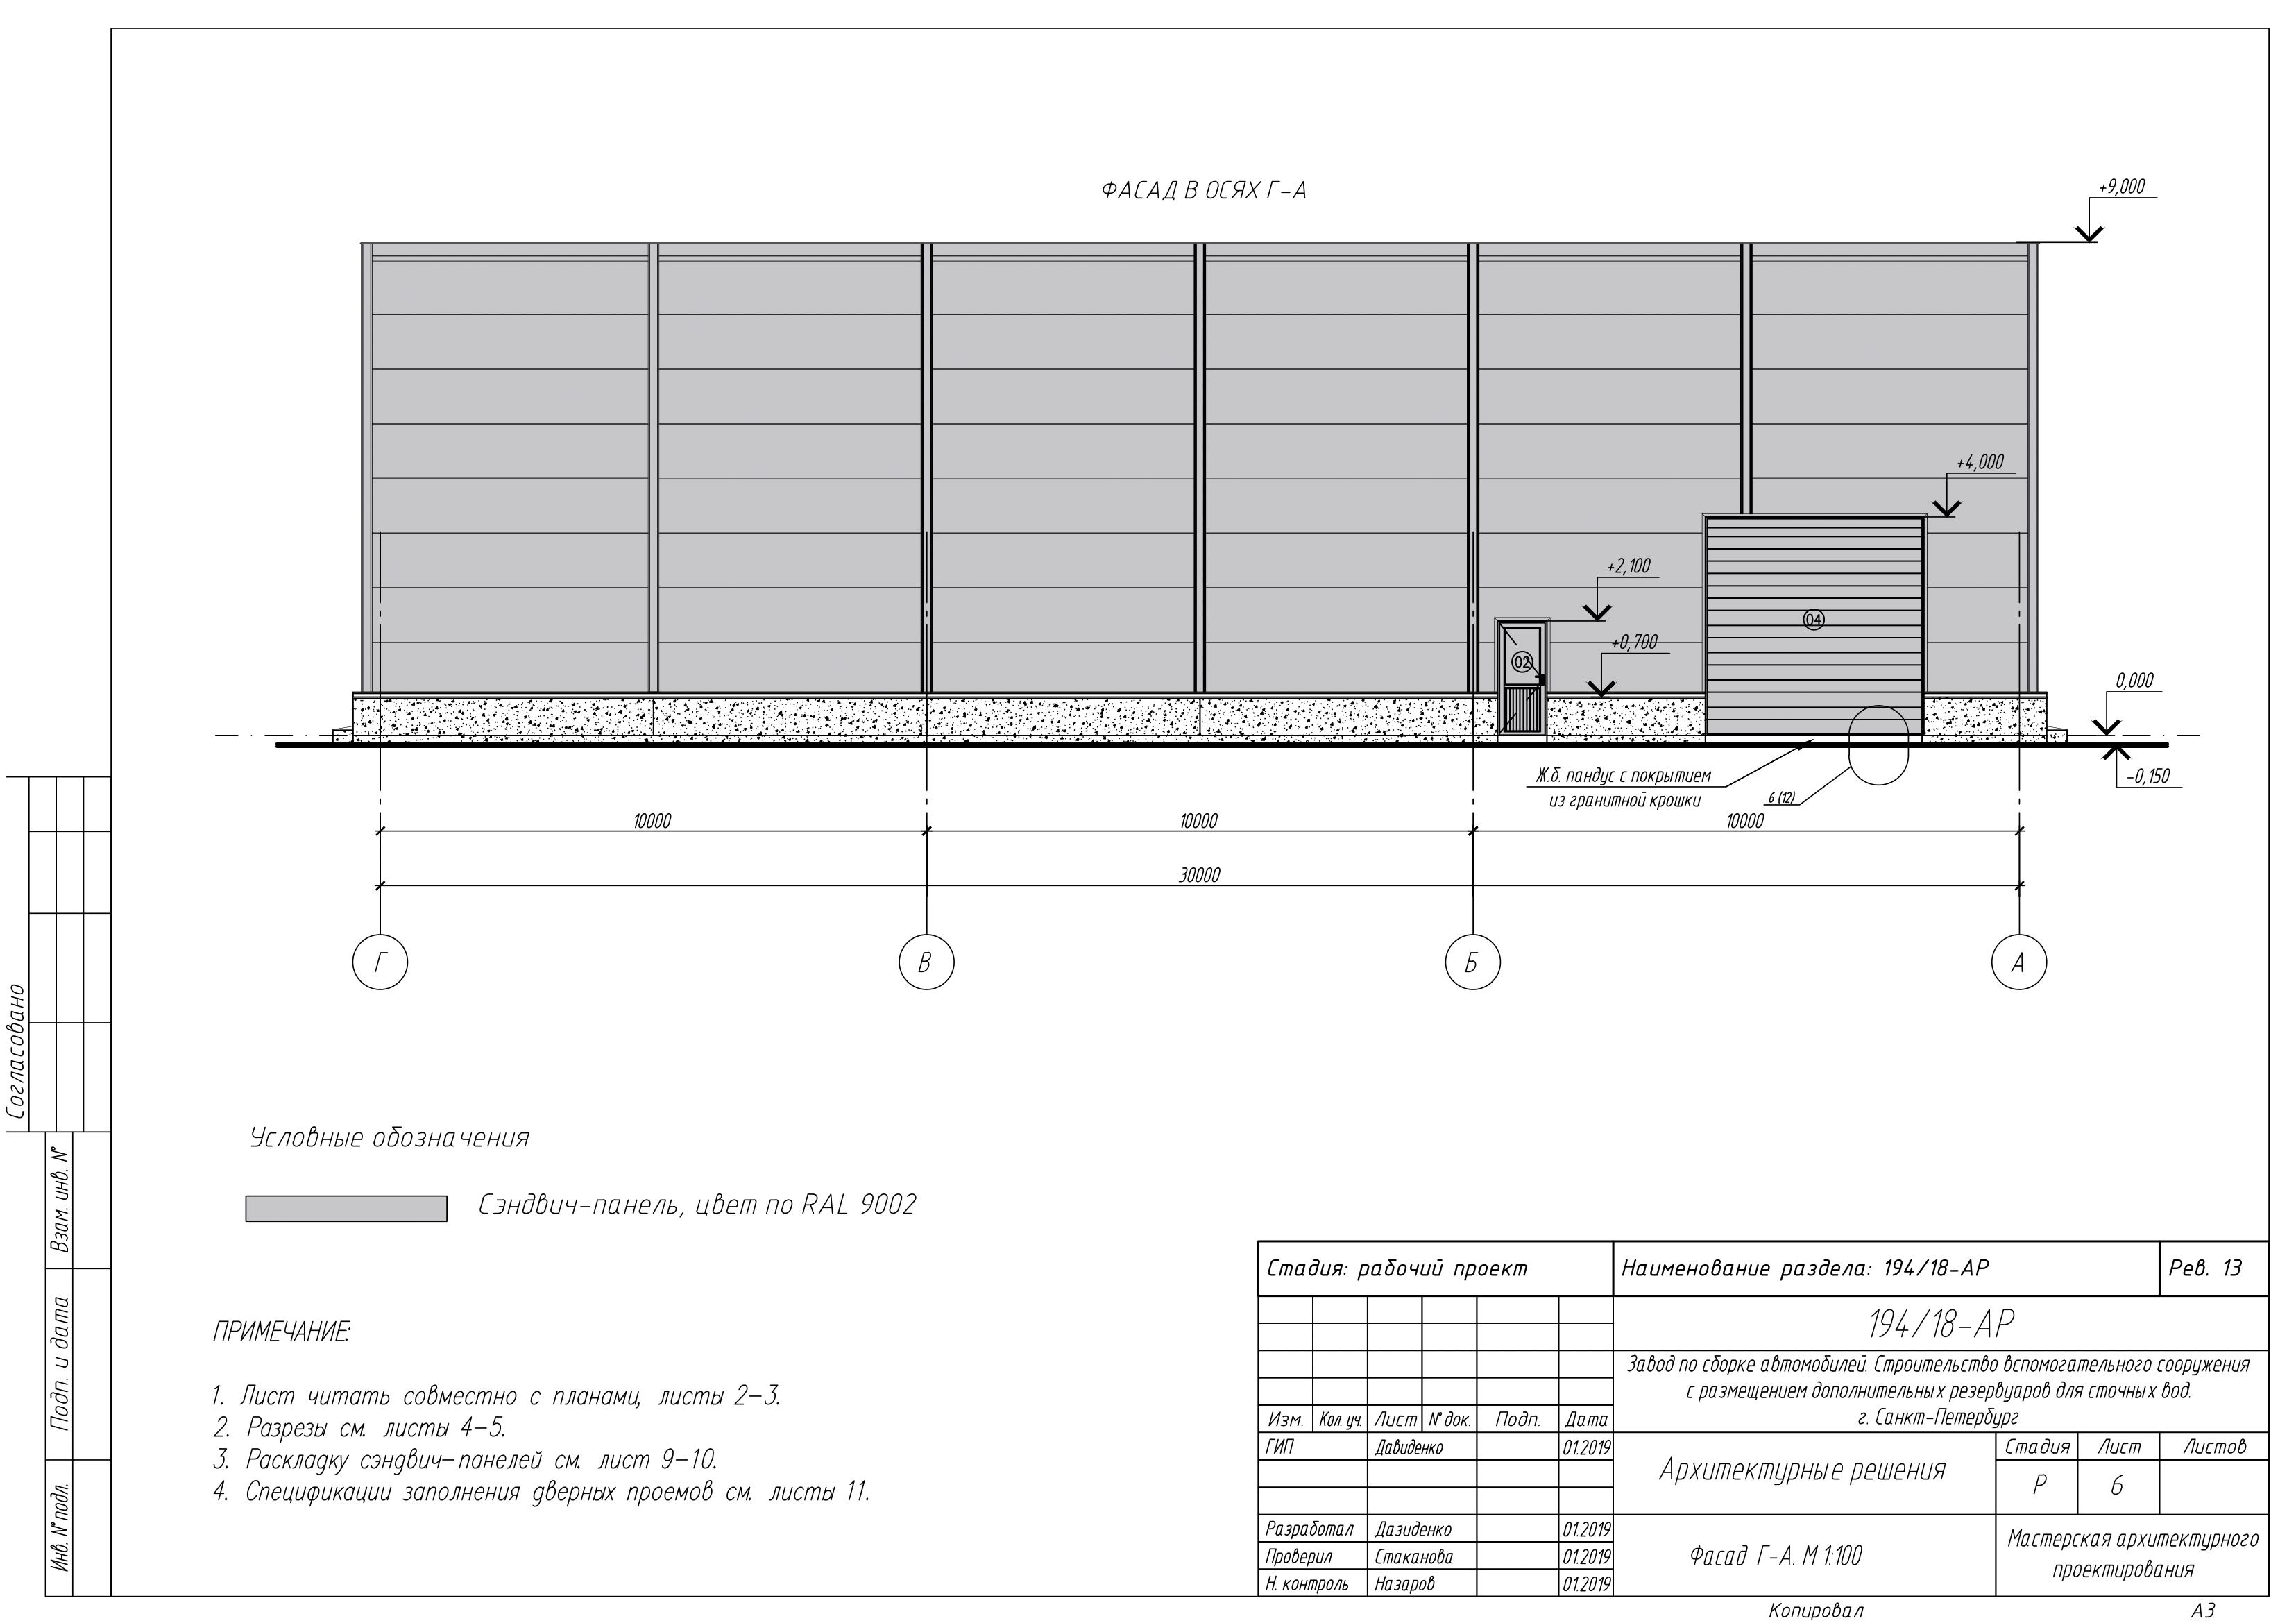 194_18-АР_рев-3